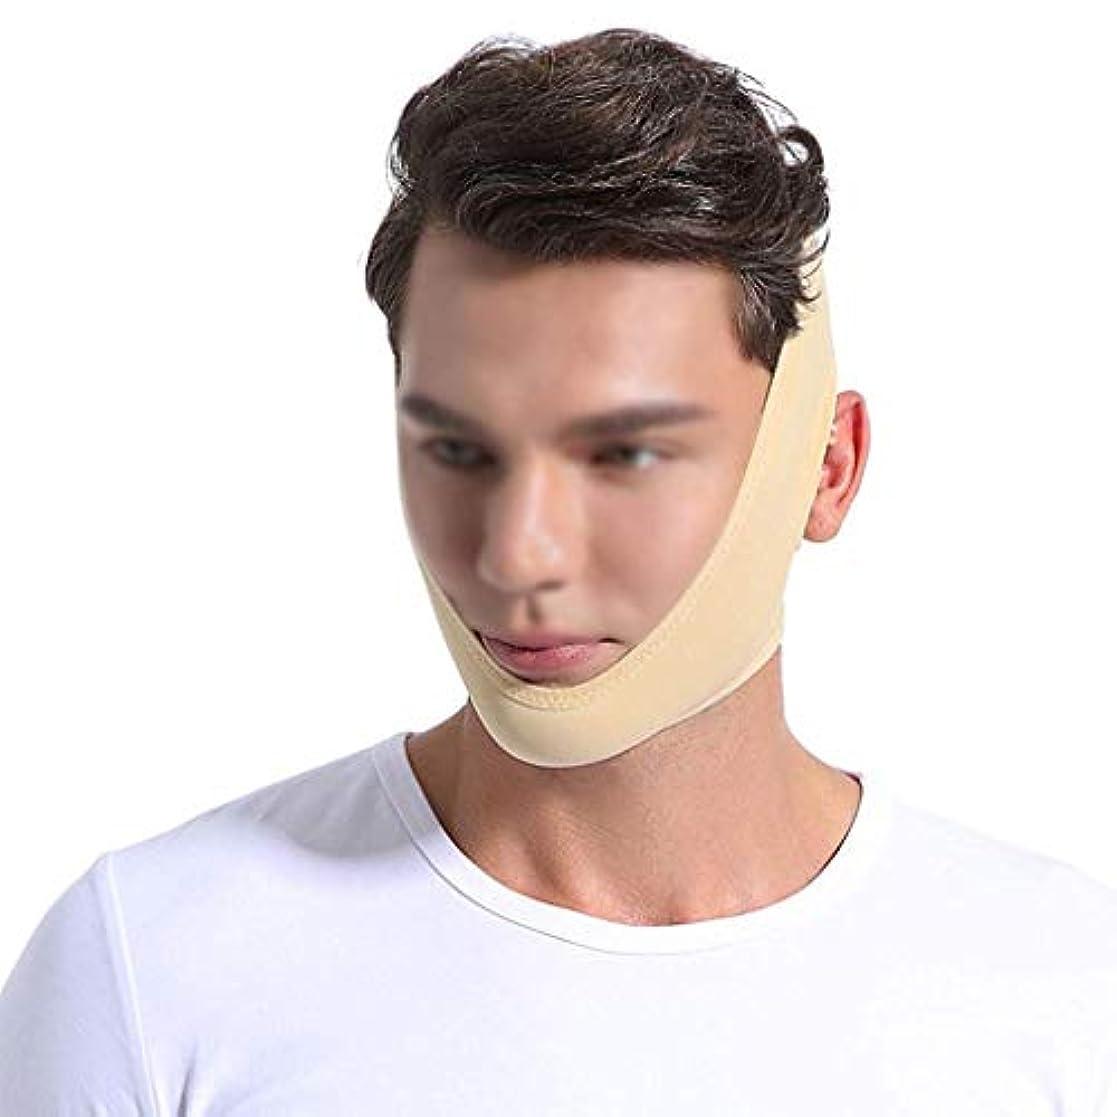 令状照らすペチコート医療用ワイヤーカービング後、リフティングマスクを再開し、男性と女性の顔の弾性包帯のヘッドギアは小さなVフェイスの薄いフェイスマスクを結びました